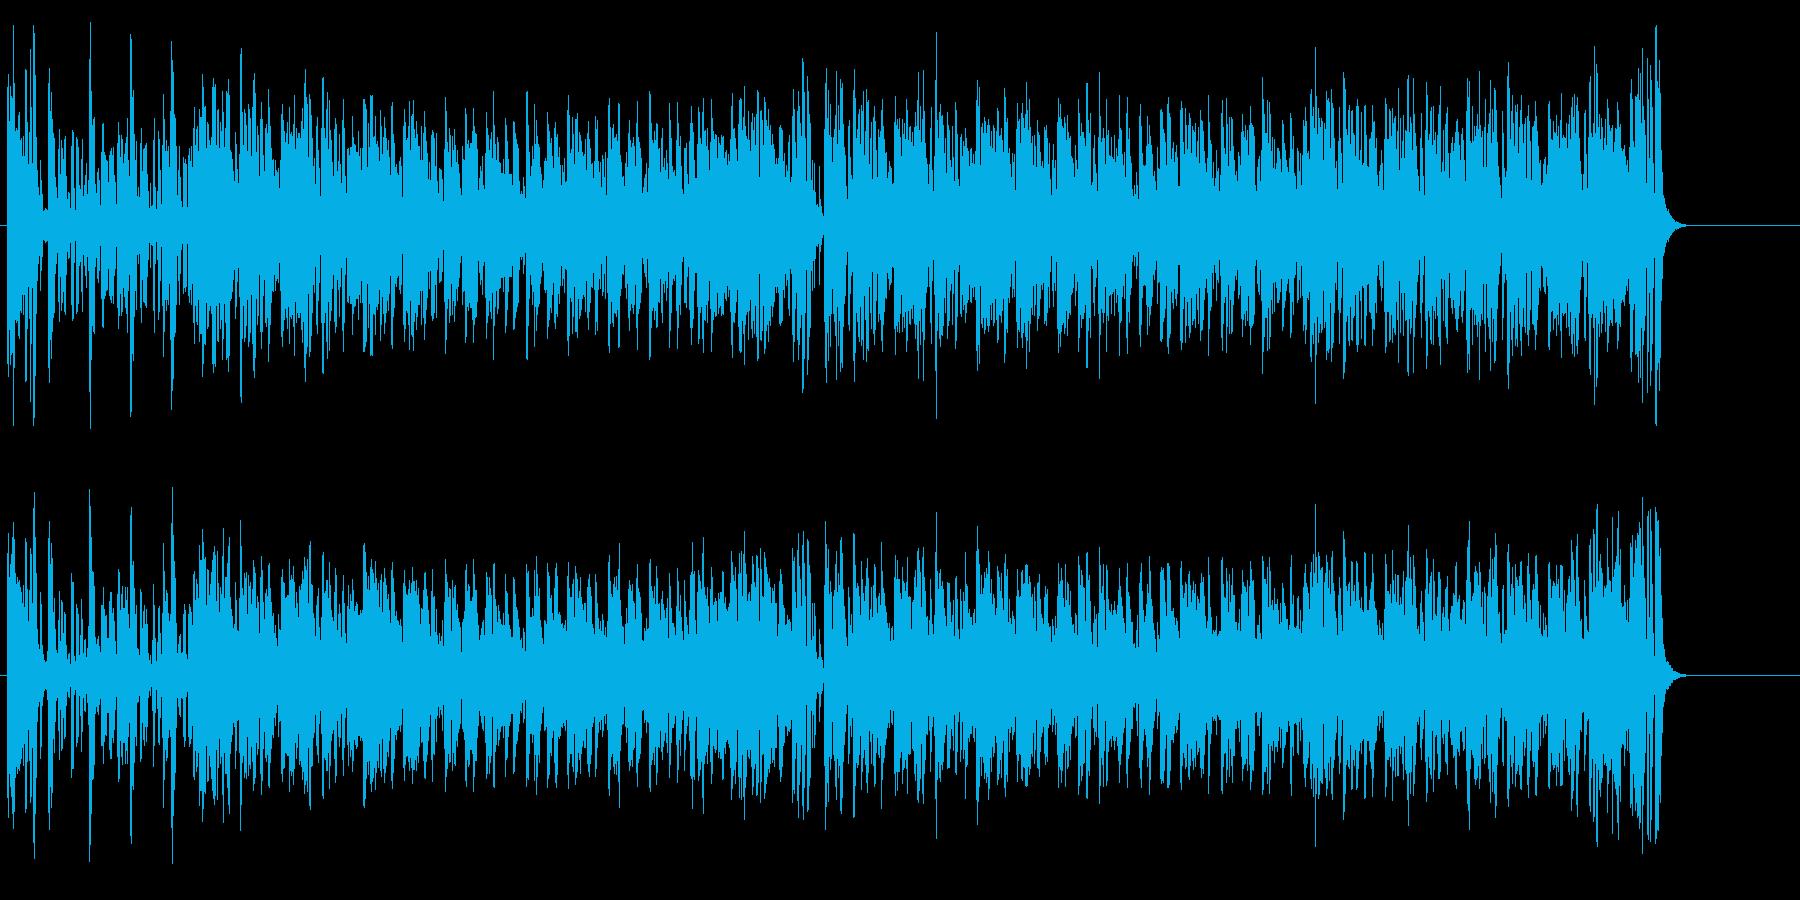 スーパー・ハッピーなラテン・ポップスの再生済みの波形